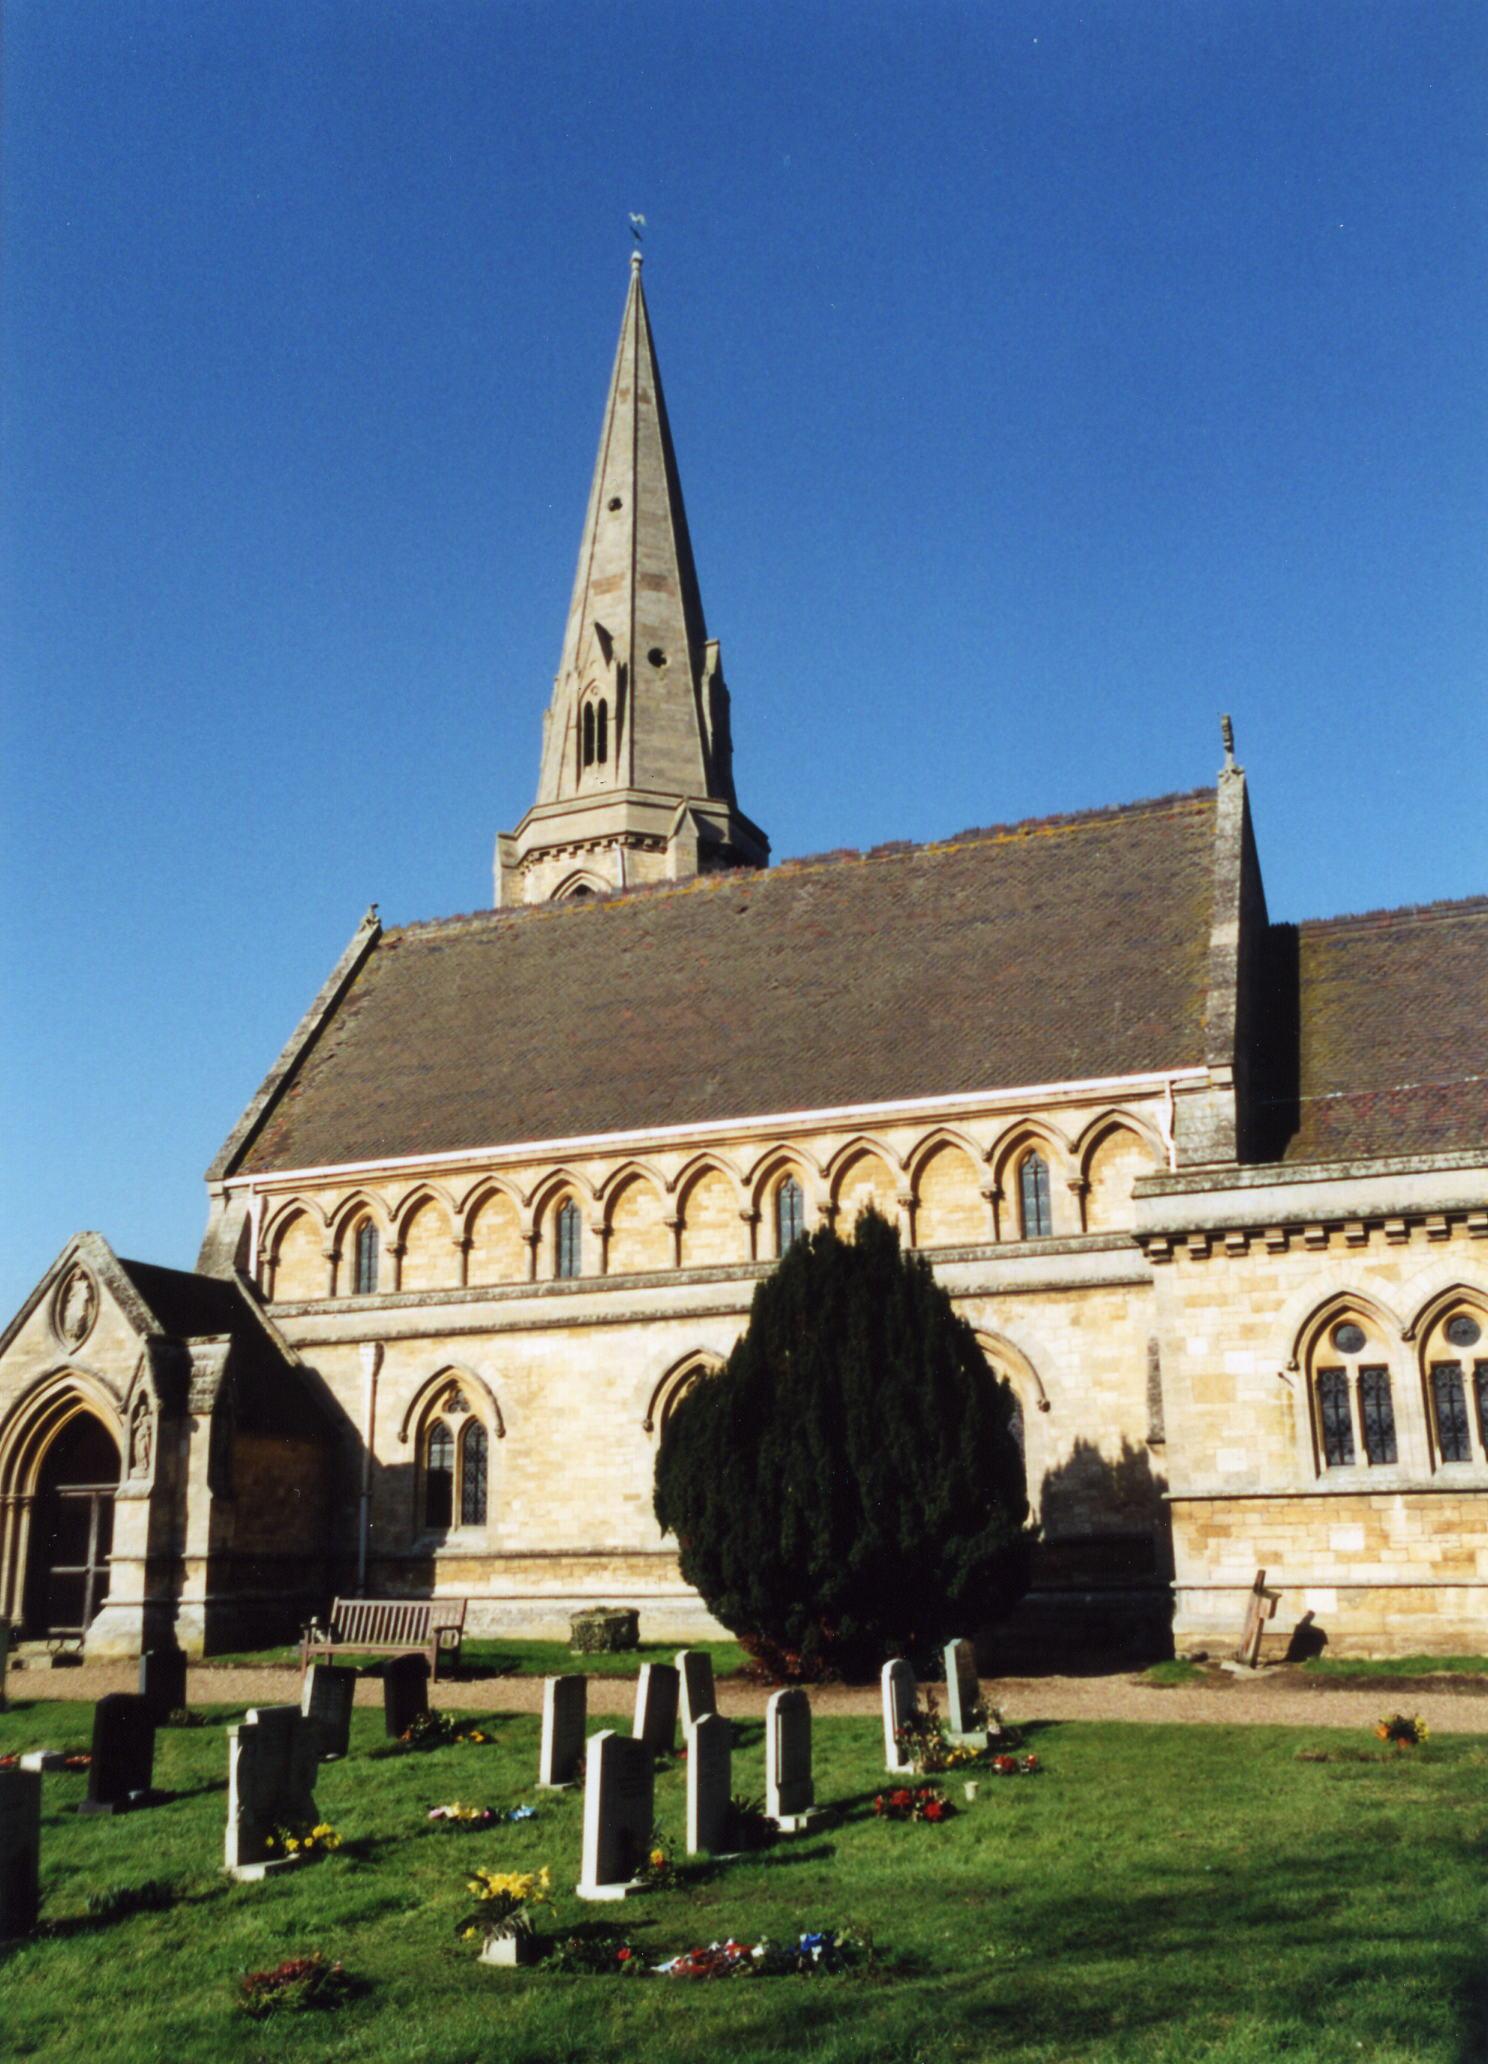 Nocton All Saints parish church